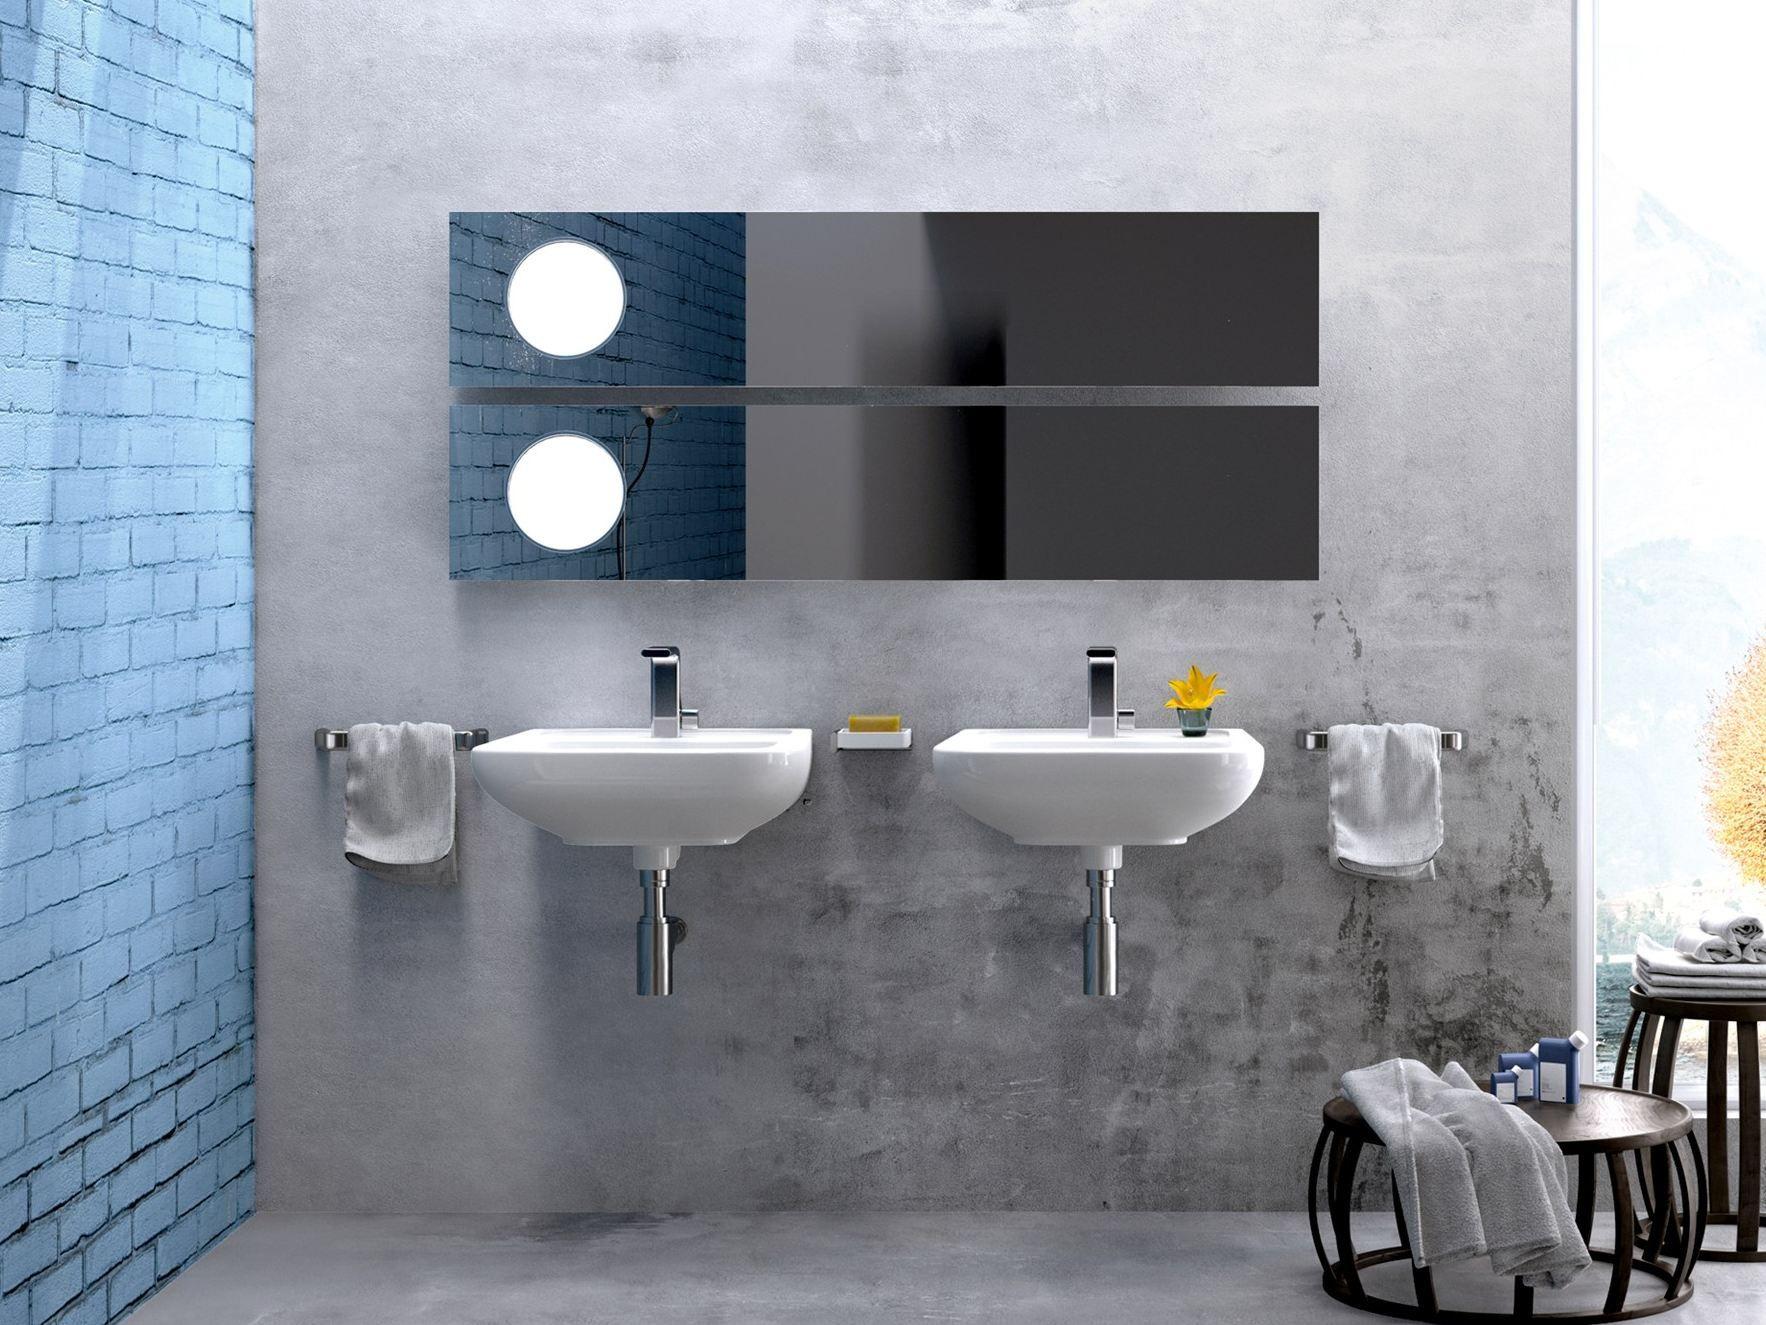 Como wall mounted washbasin by ceramica flaminia design rodolfo dordoni - Arredo bagno civita castellana ...